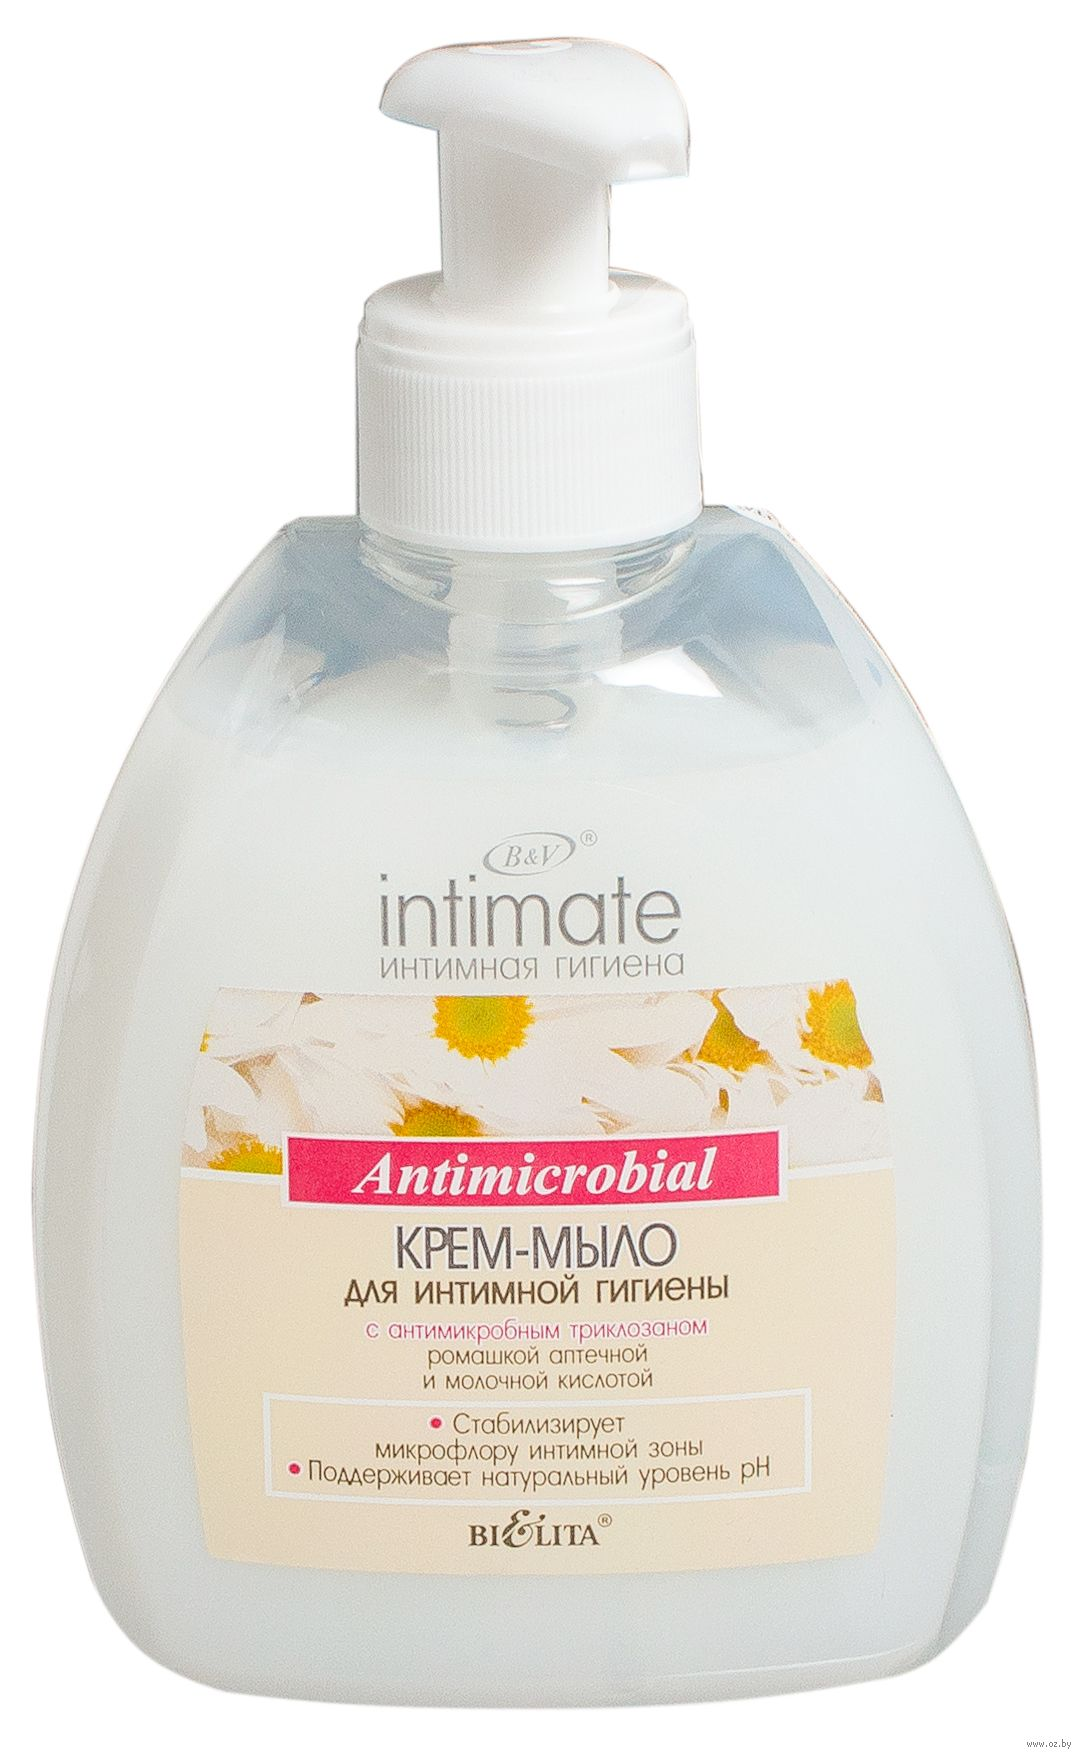 Изготовление натурального мыла для интимной гигиены